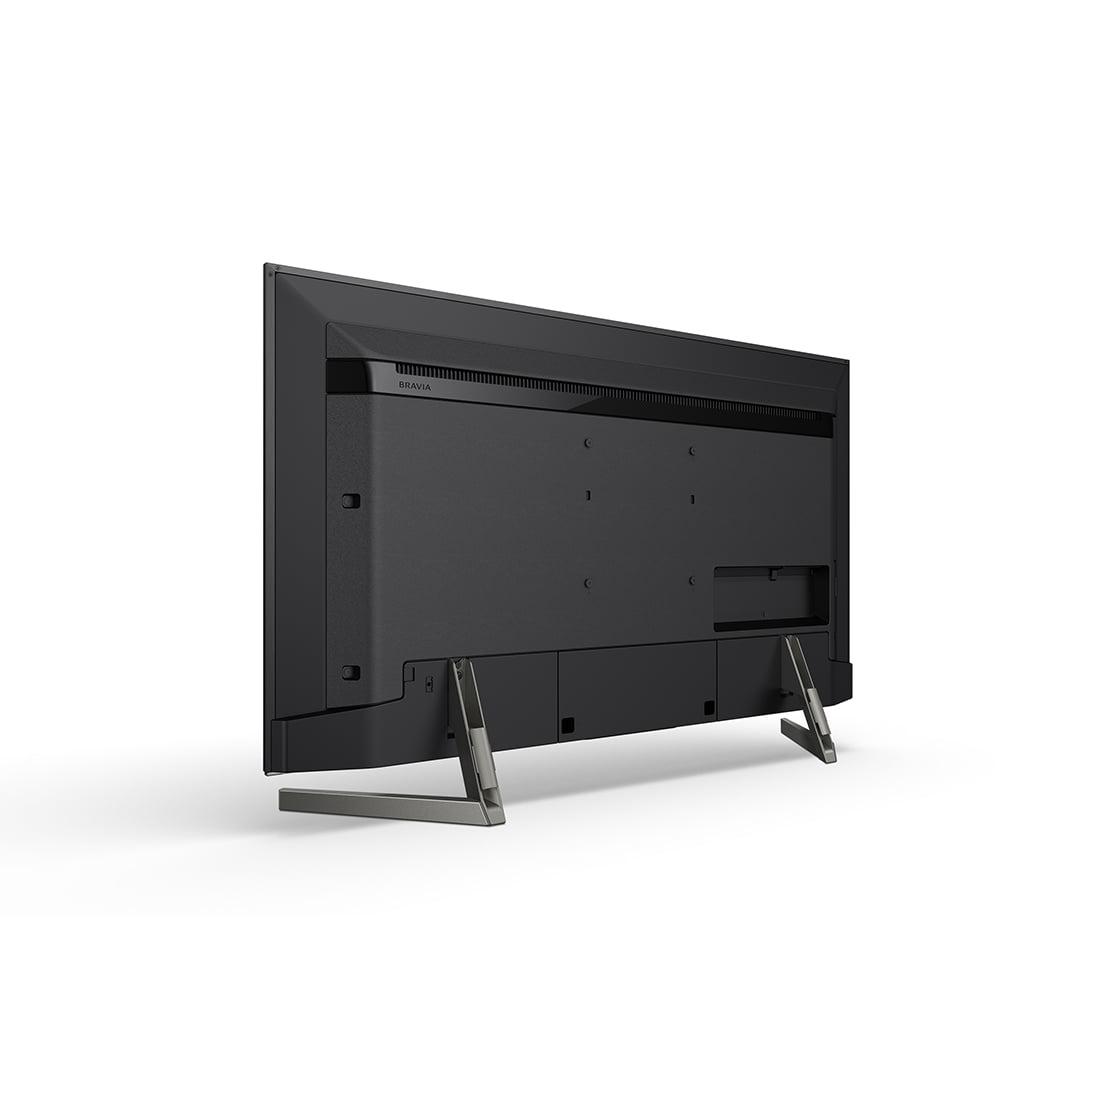 Sony XBR-49X900F 49